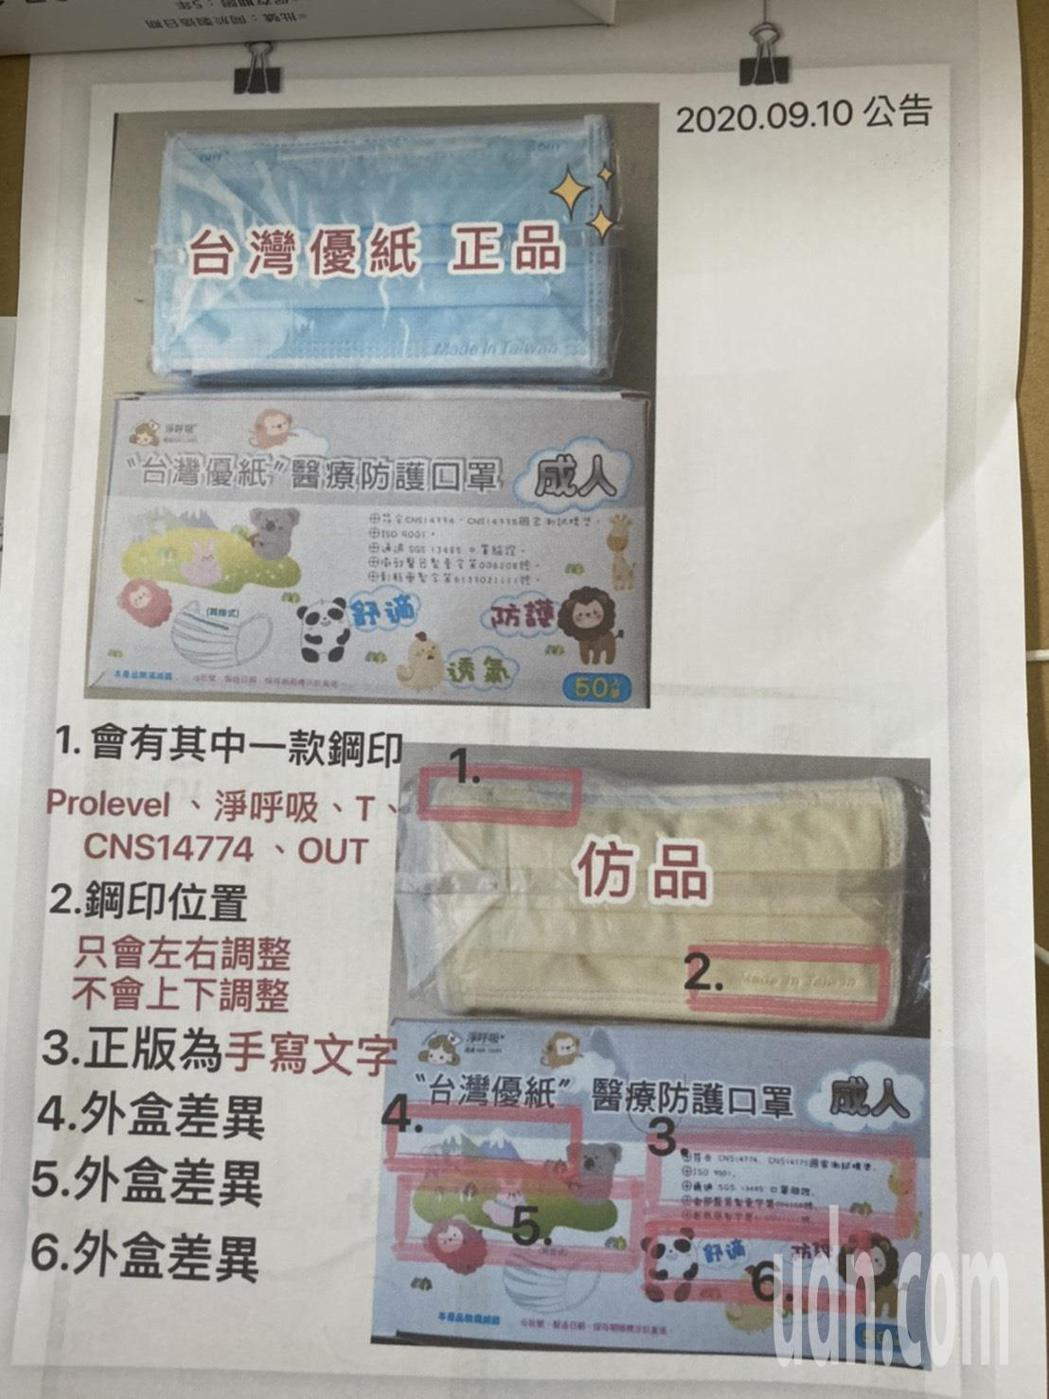 位在彰濱工業區的台灣優紙企業有限公司,是國家口罩隊一員,日產100片口罩,卻遭不...